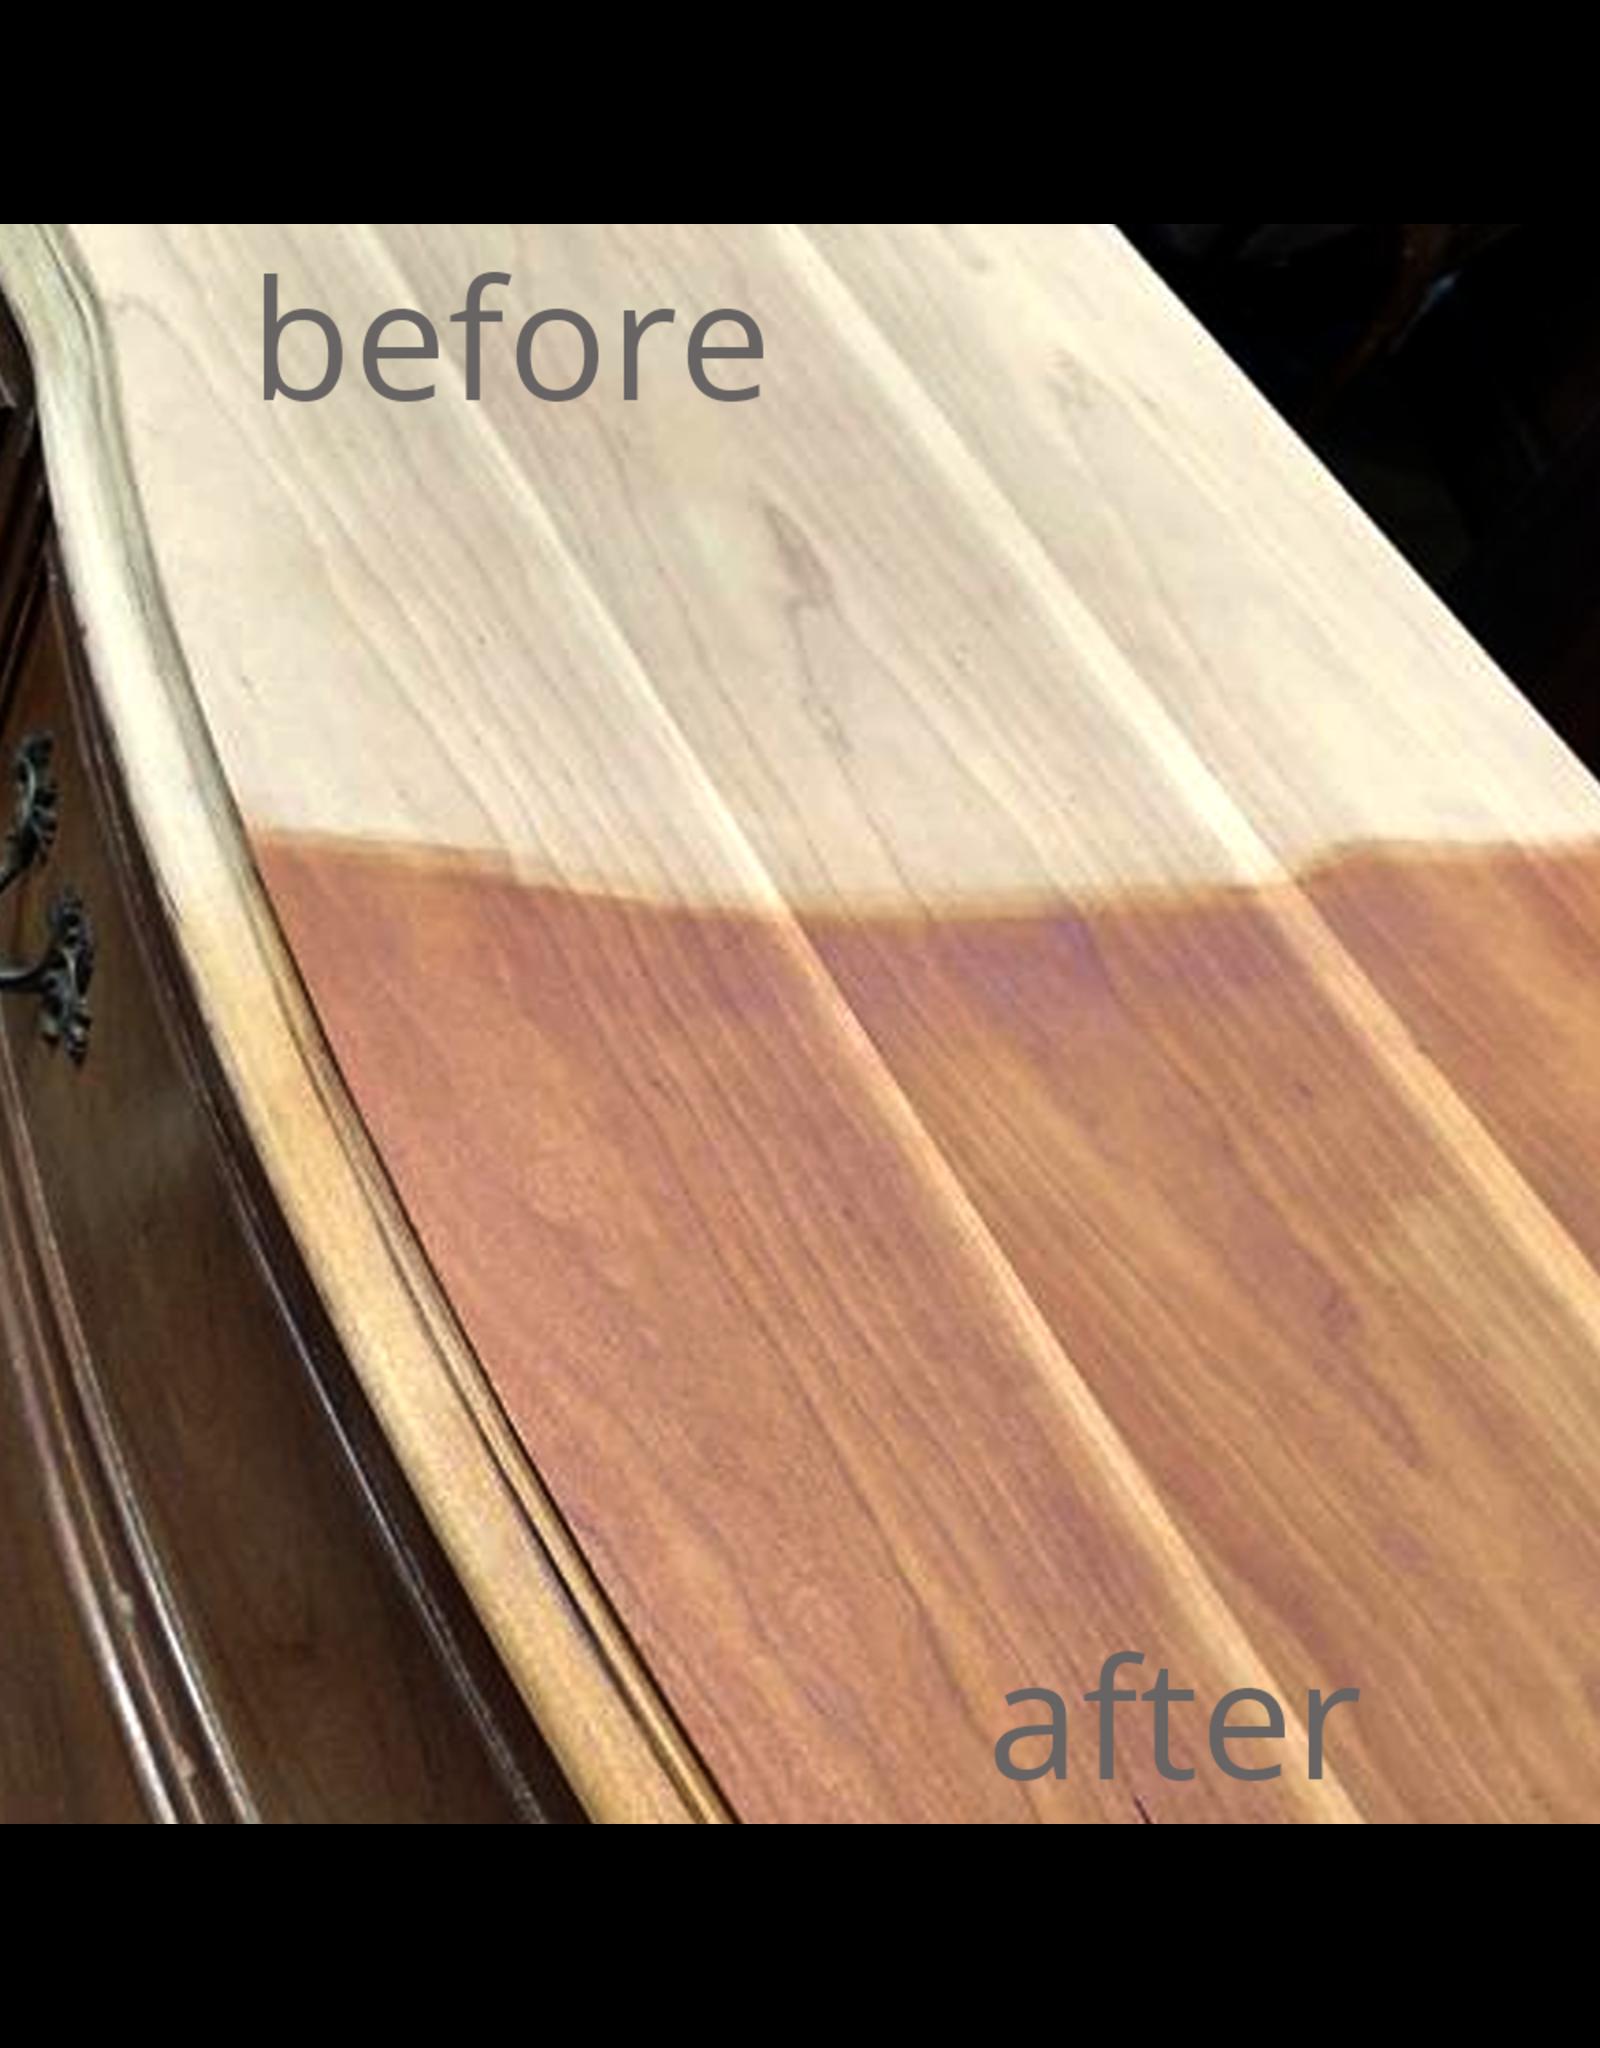 Wise Owl Paint Furniture Salve-White Tea 4oz